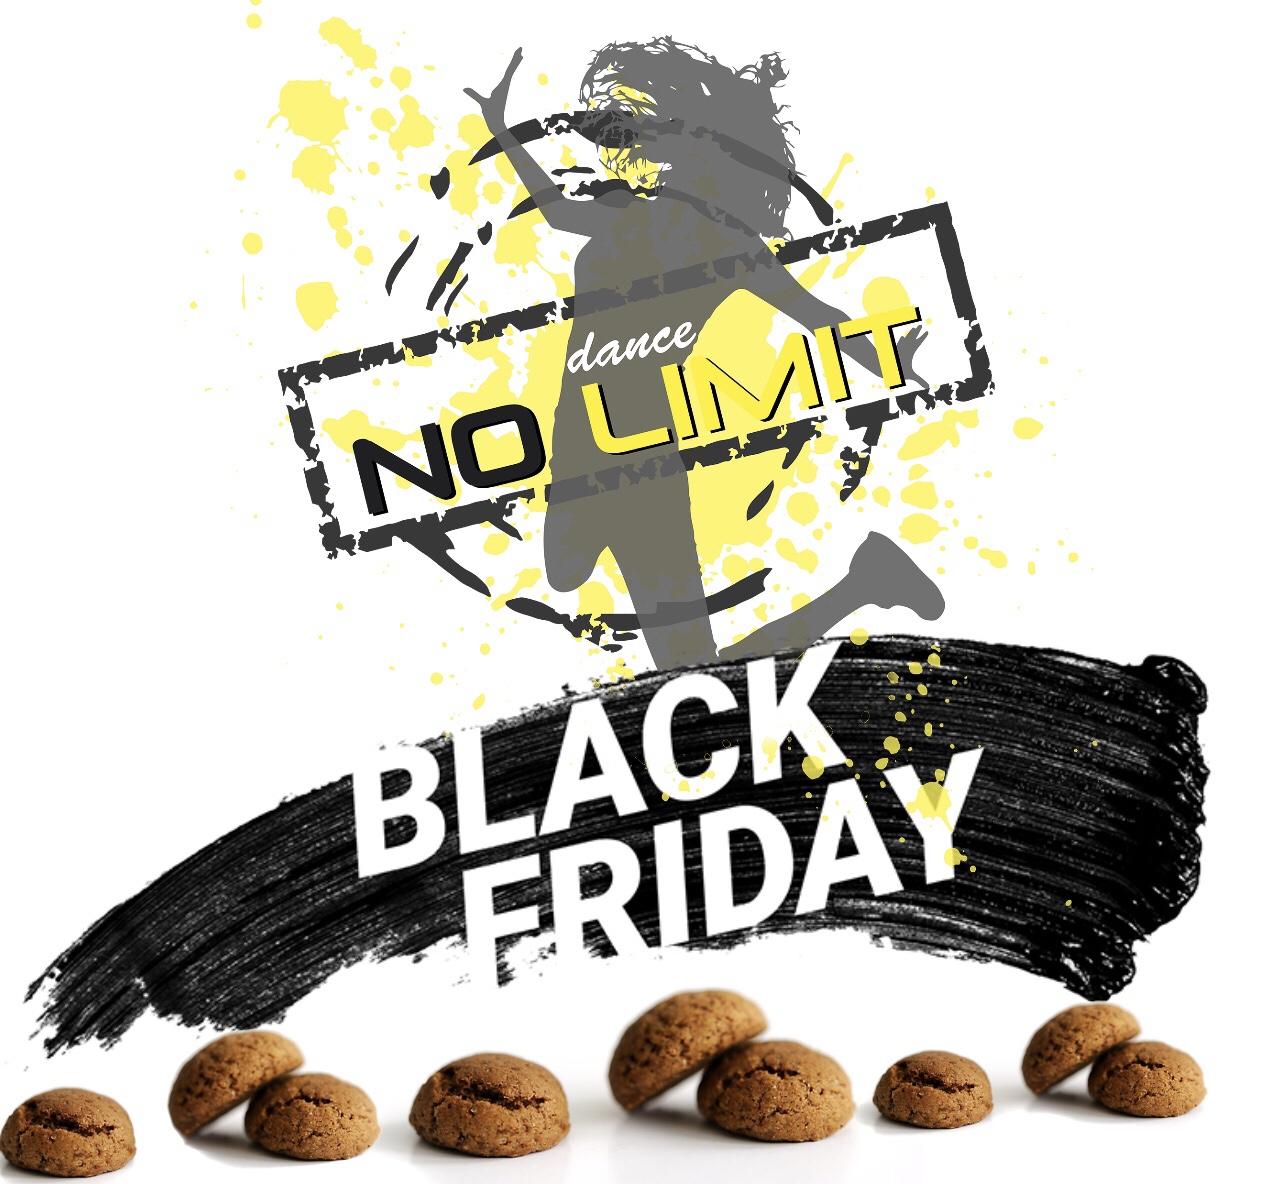 BLACK FRIDAY bij Dance-Fitness-Studio Dance No Limit